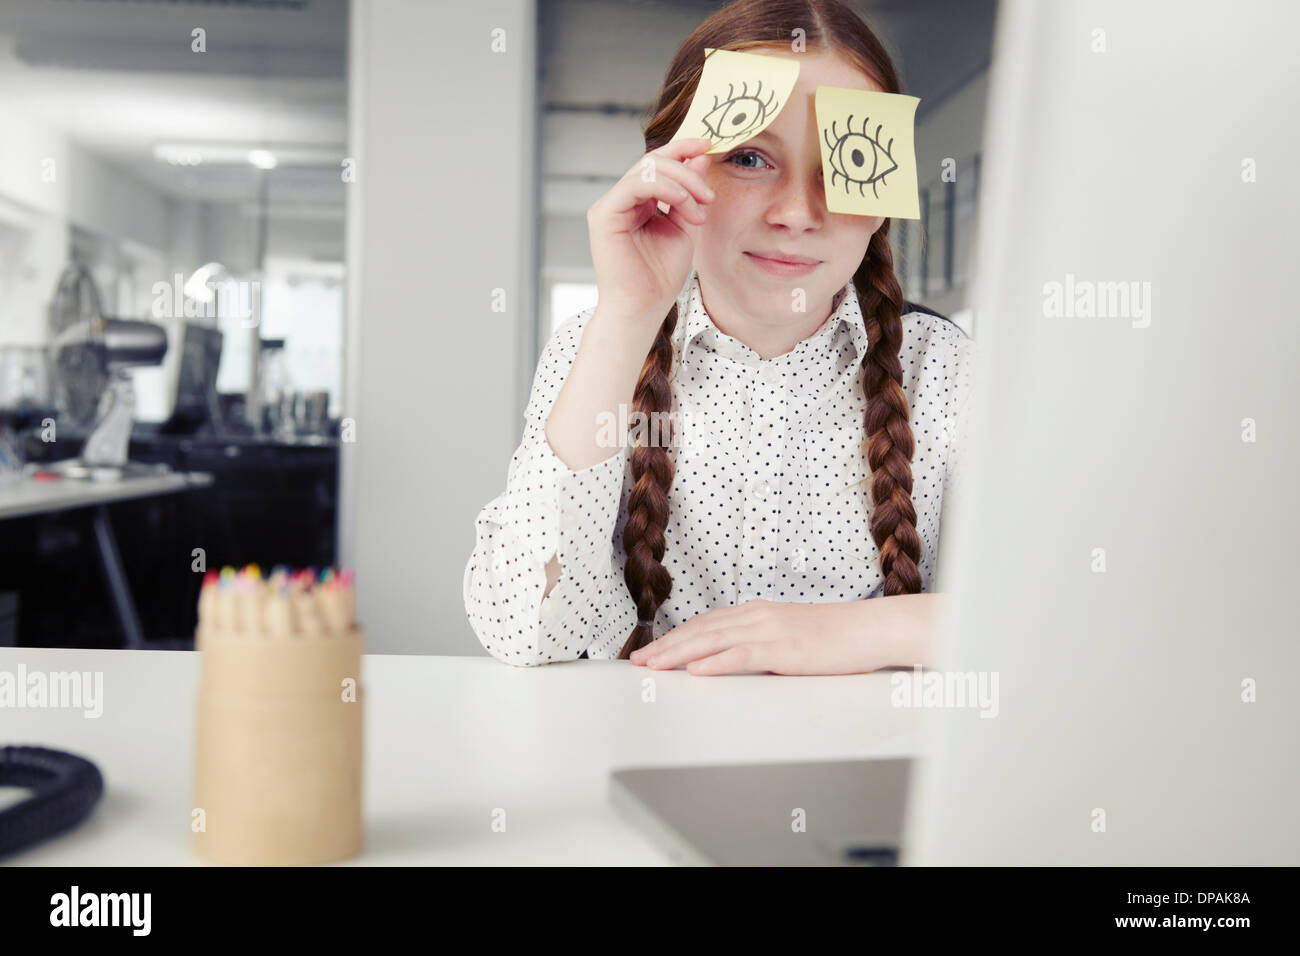 Ragazza in ufficio con note adesive che copre gli occhi, spiata Immagini Stock